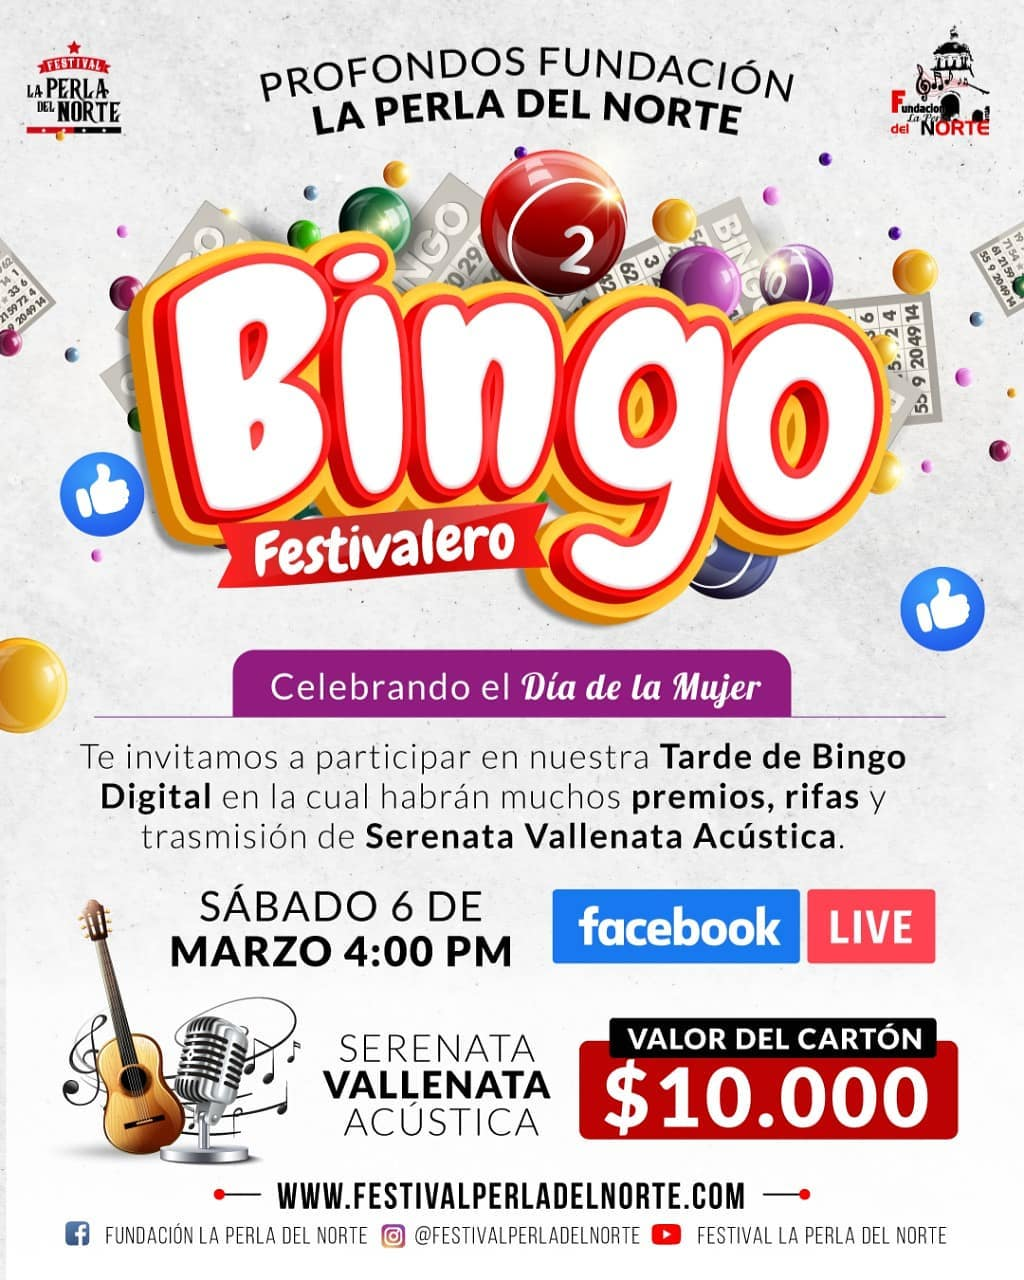 ¡Bingo Festivalero, Celebrando el Día de la Mujer!